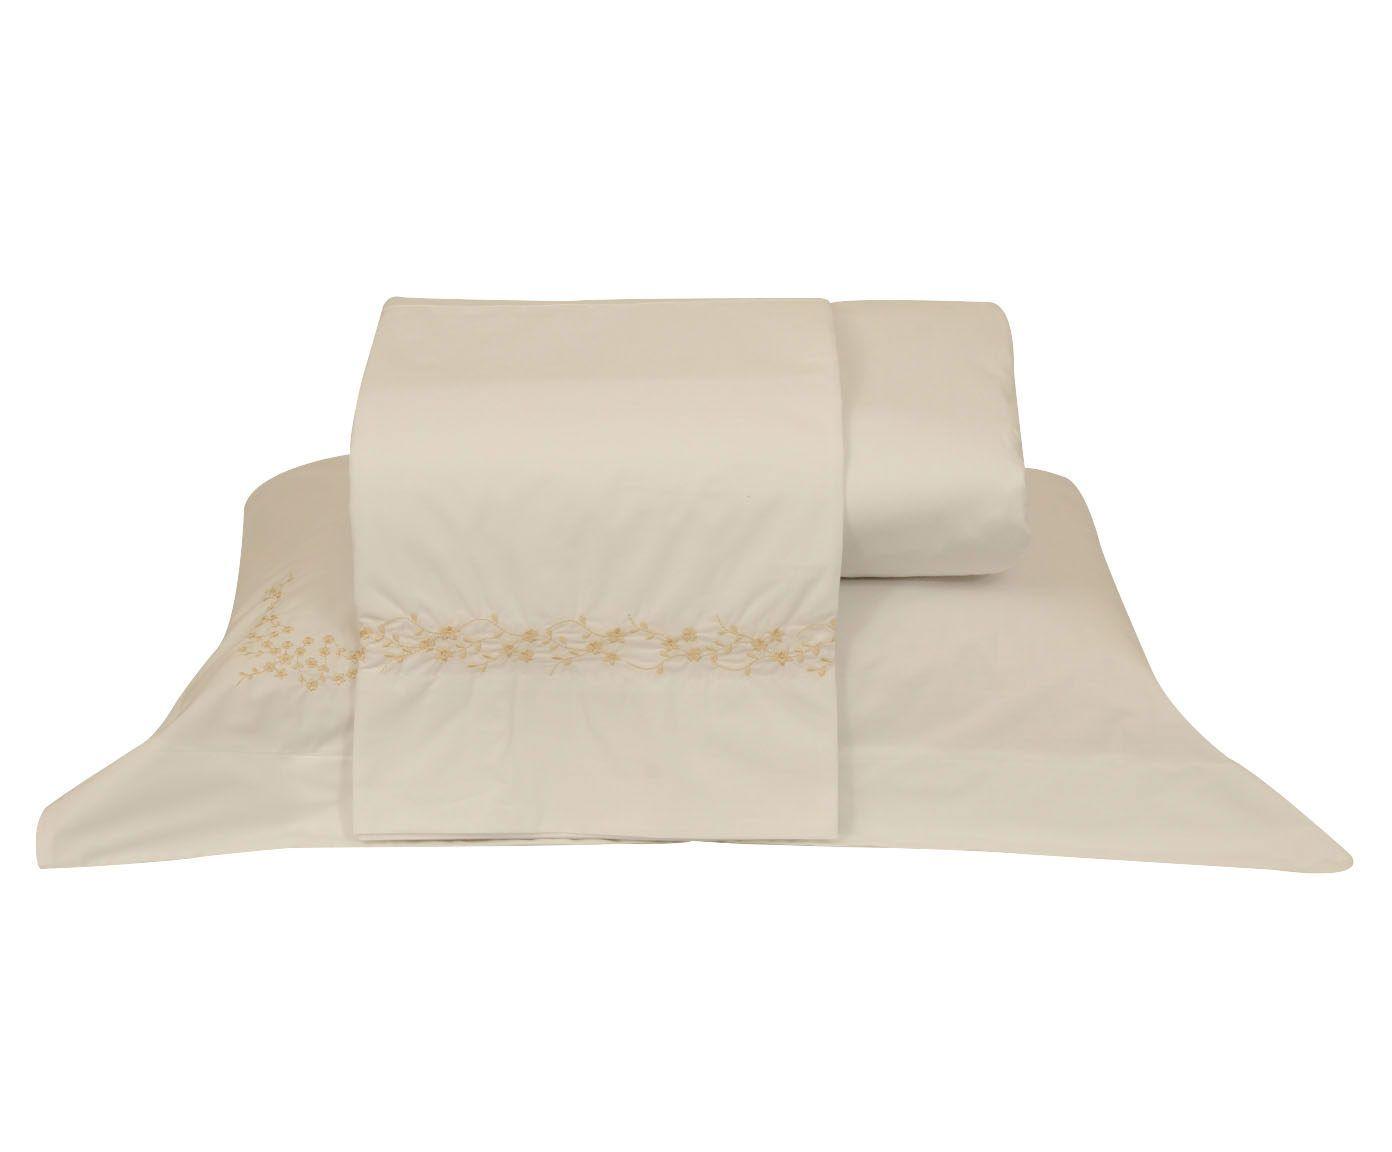 Jogo de lençol daya para cama king size 200 fios | Westwing.com.br